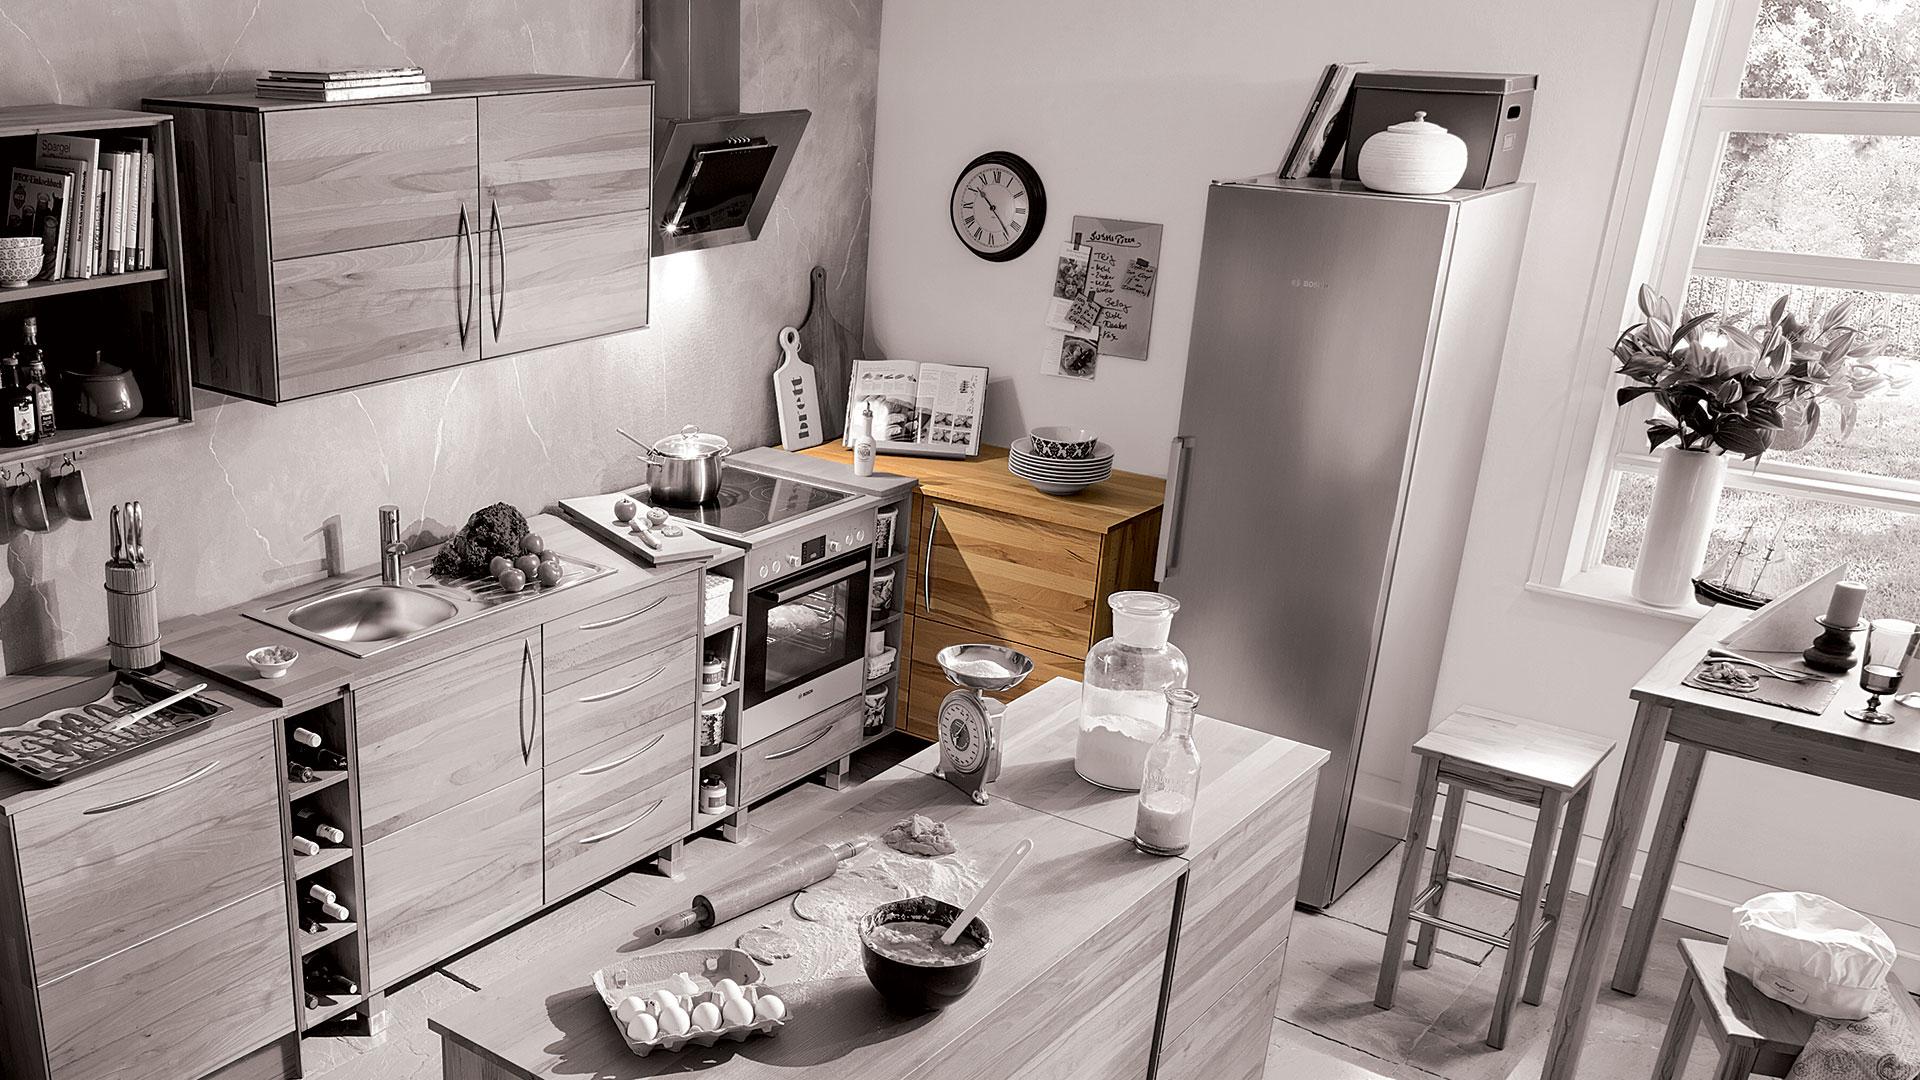 Full Size of Led Beleuchtung Küche Vorratsschrank Sockelblende Stengel Miniküche Landhausküche Grau Teppich Glaswand Industrial Was Kostet Eine Neue Alno Wohnzimmer Küche Massivholz Gebraucht